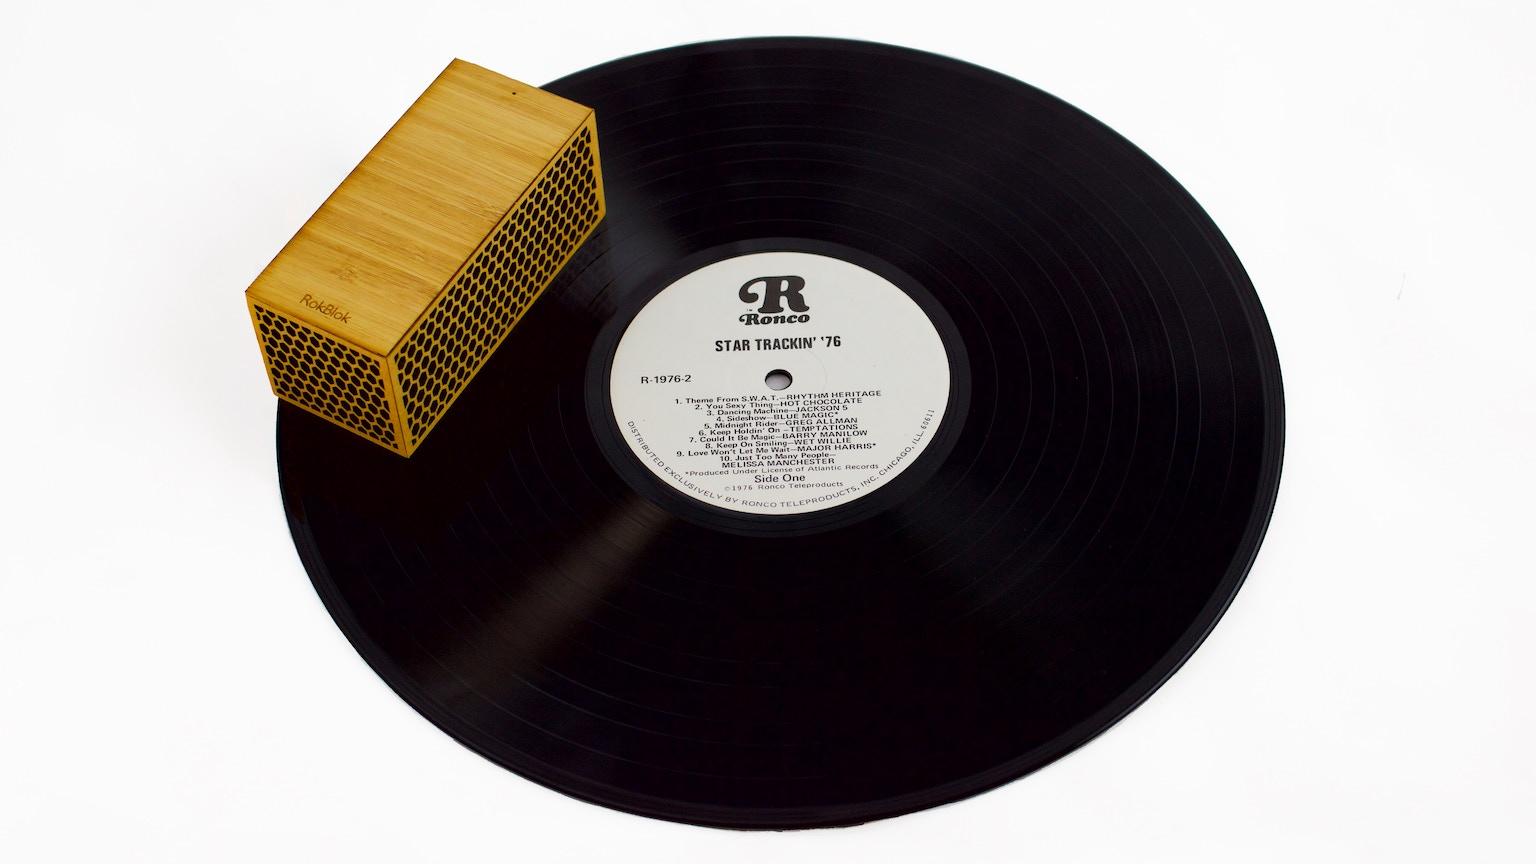 レコードの世界へようこそ! レコード盤の上を走るポータブルレコードプレイヤー「RokBlok」 5番目の画像